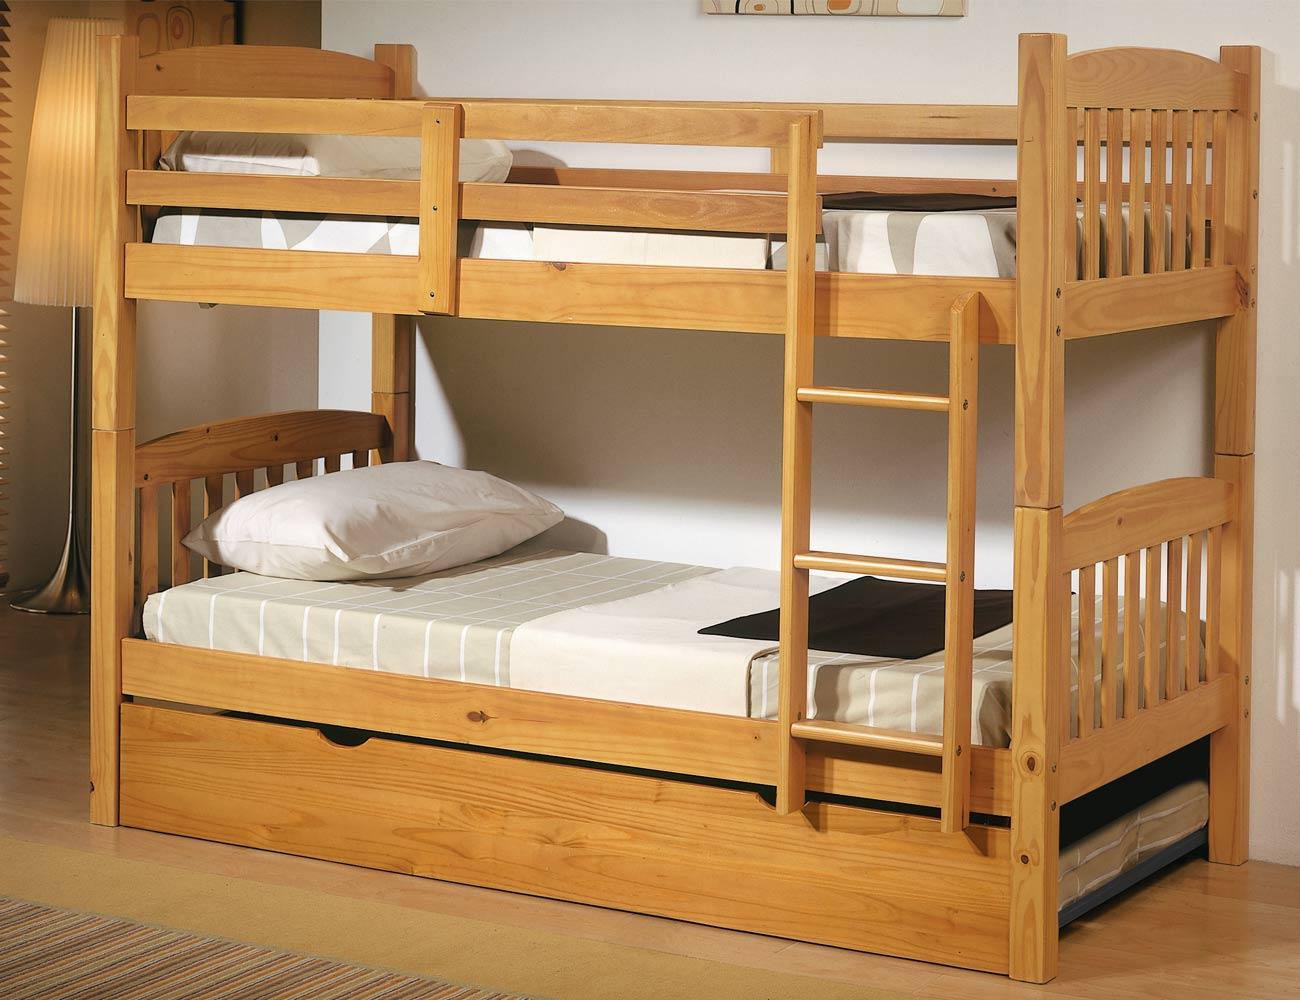 Cama litera dormitorio juvenil en madera color miel con for Cama nido color madera